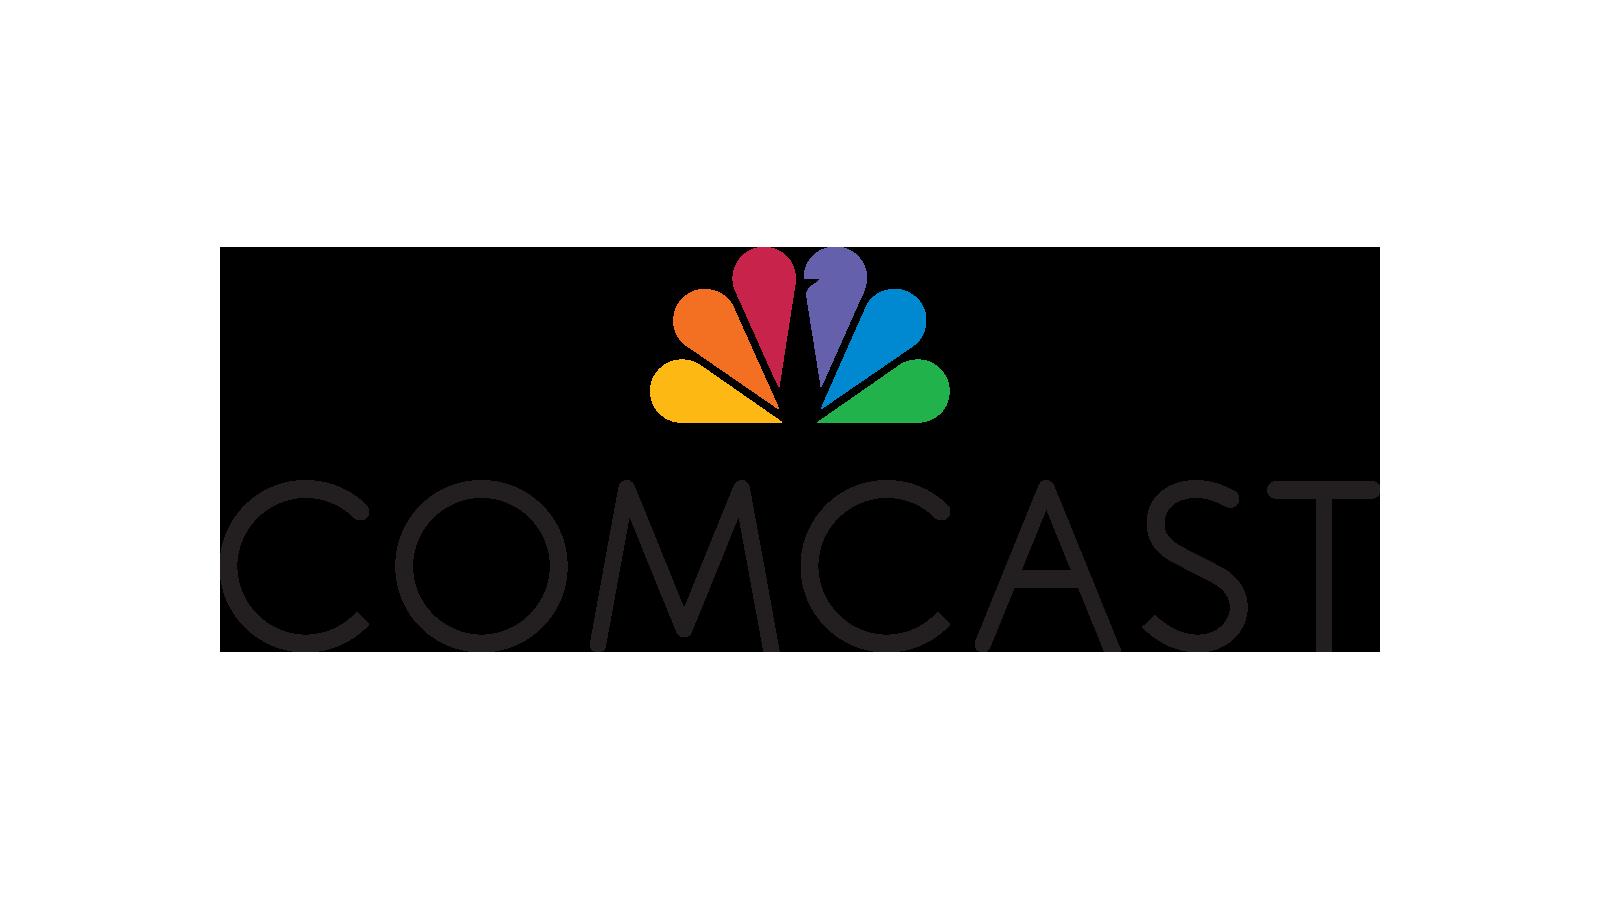 Comcast Corporation logo